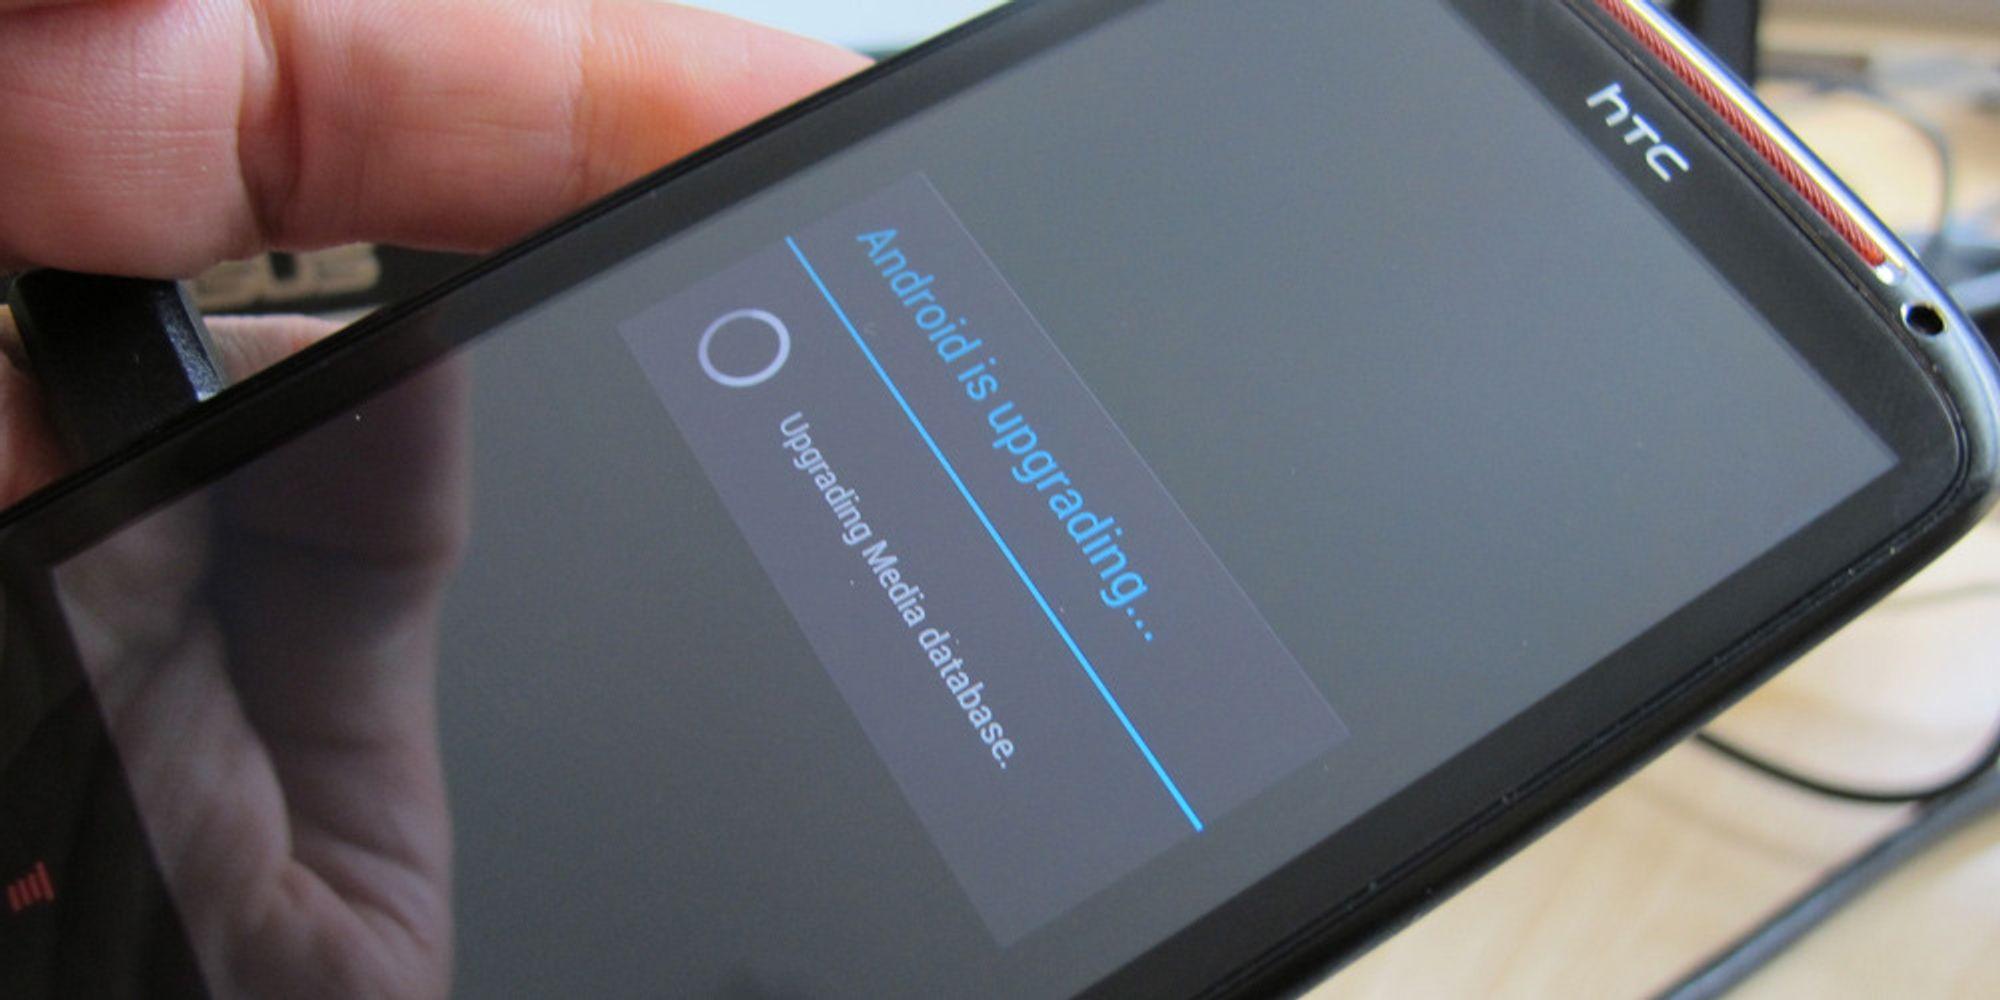 HTC dobler ytelsen med Android 4.0